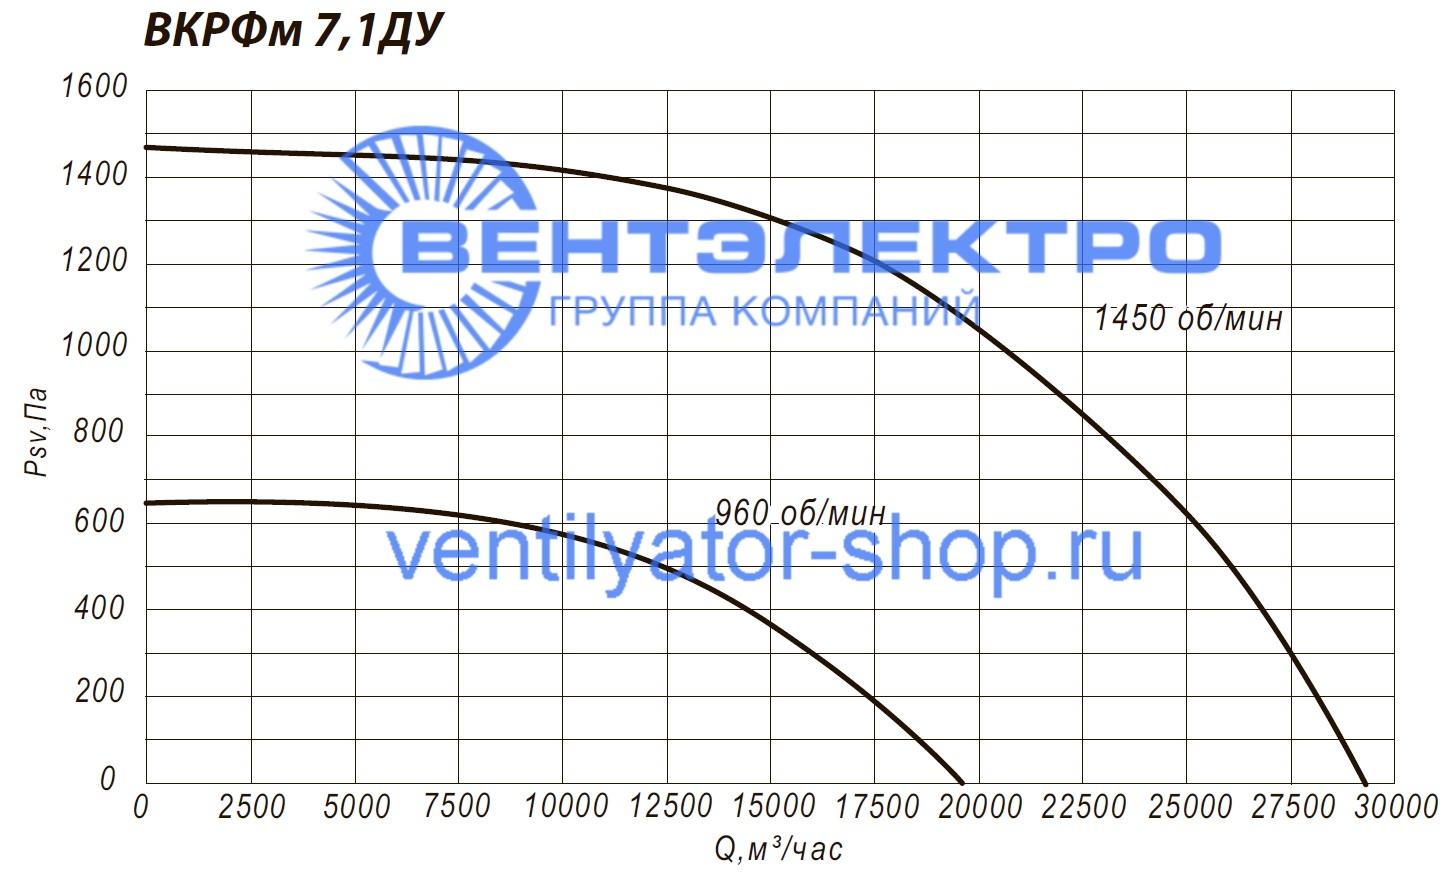 Аэродинамические характеристики канального вентилятора ВКРФм-ДУ 7,1